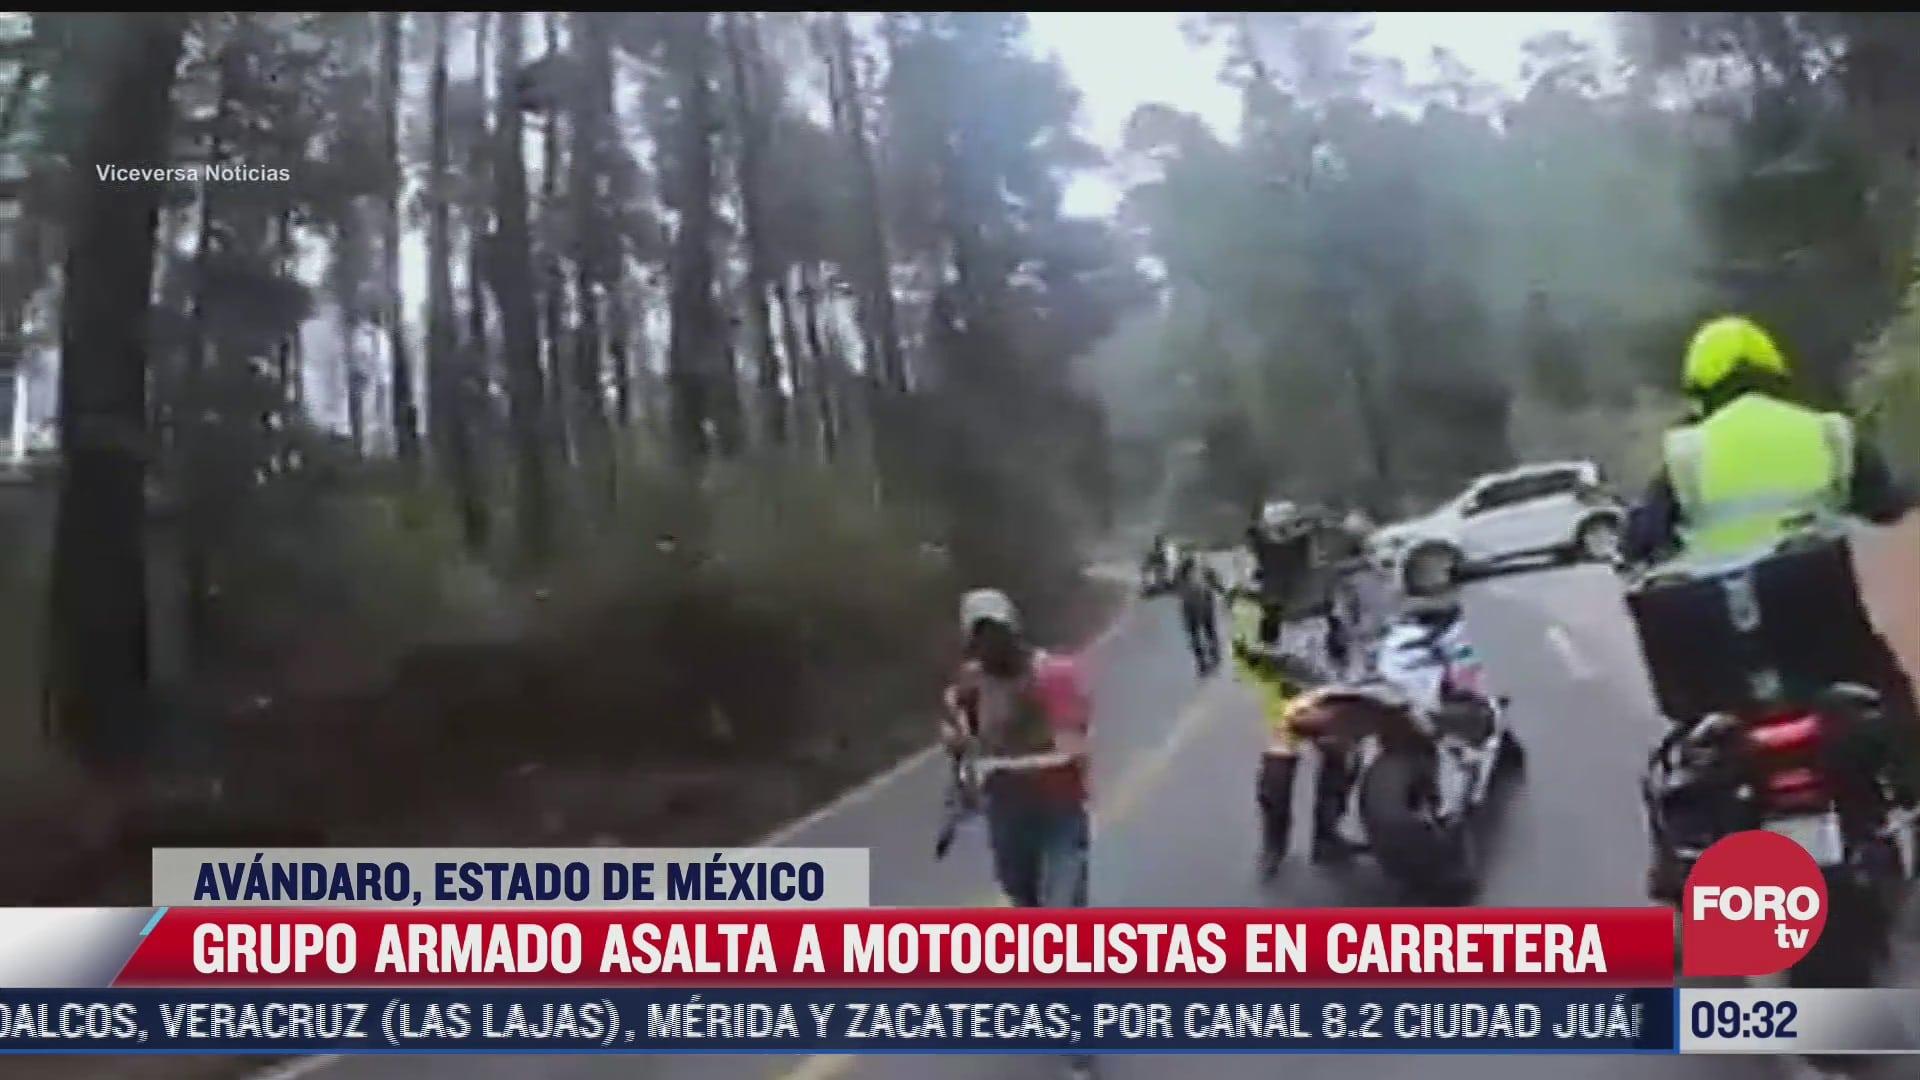 grupo armado asalta a varios motociclistas en avandaro estado de mexico